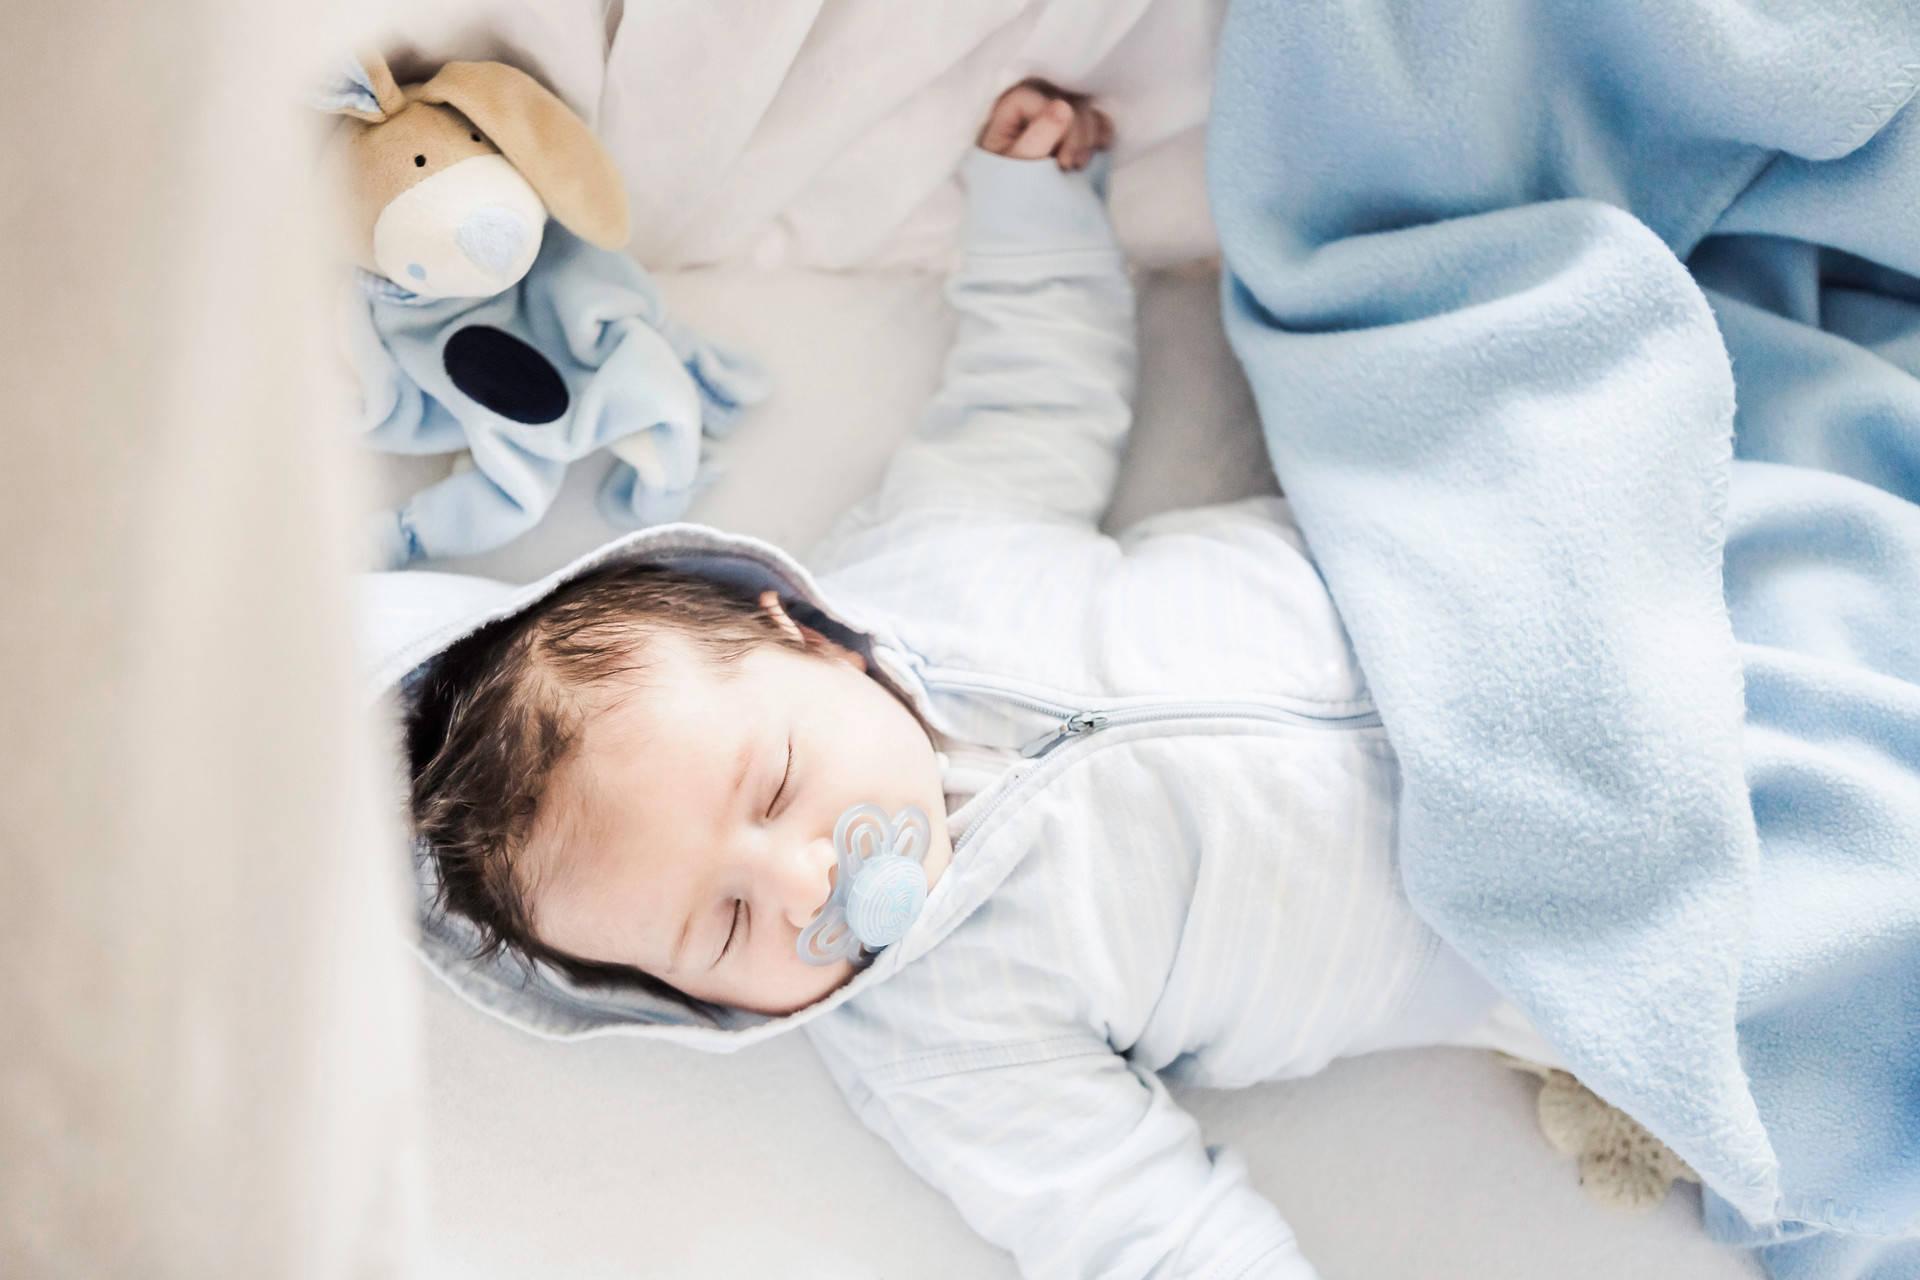 郎朗聊到儿子笑容满面,称像云朵一样可爱,娃两个月时变化极大